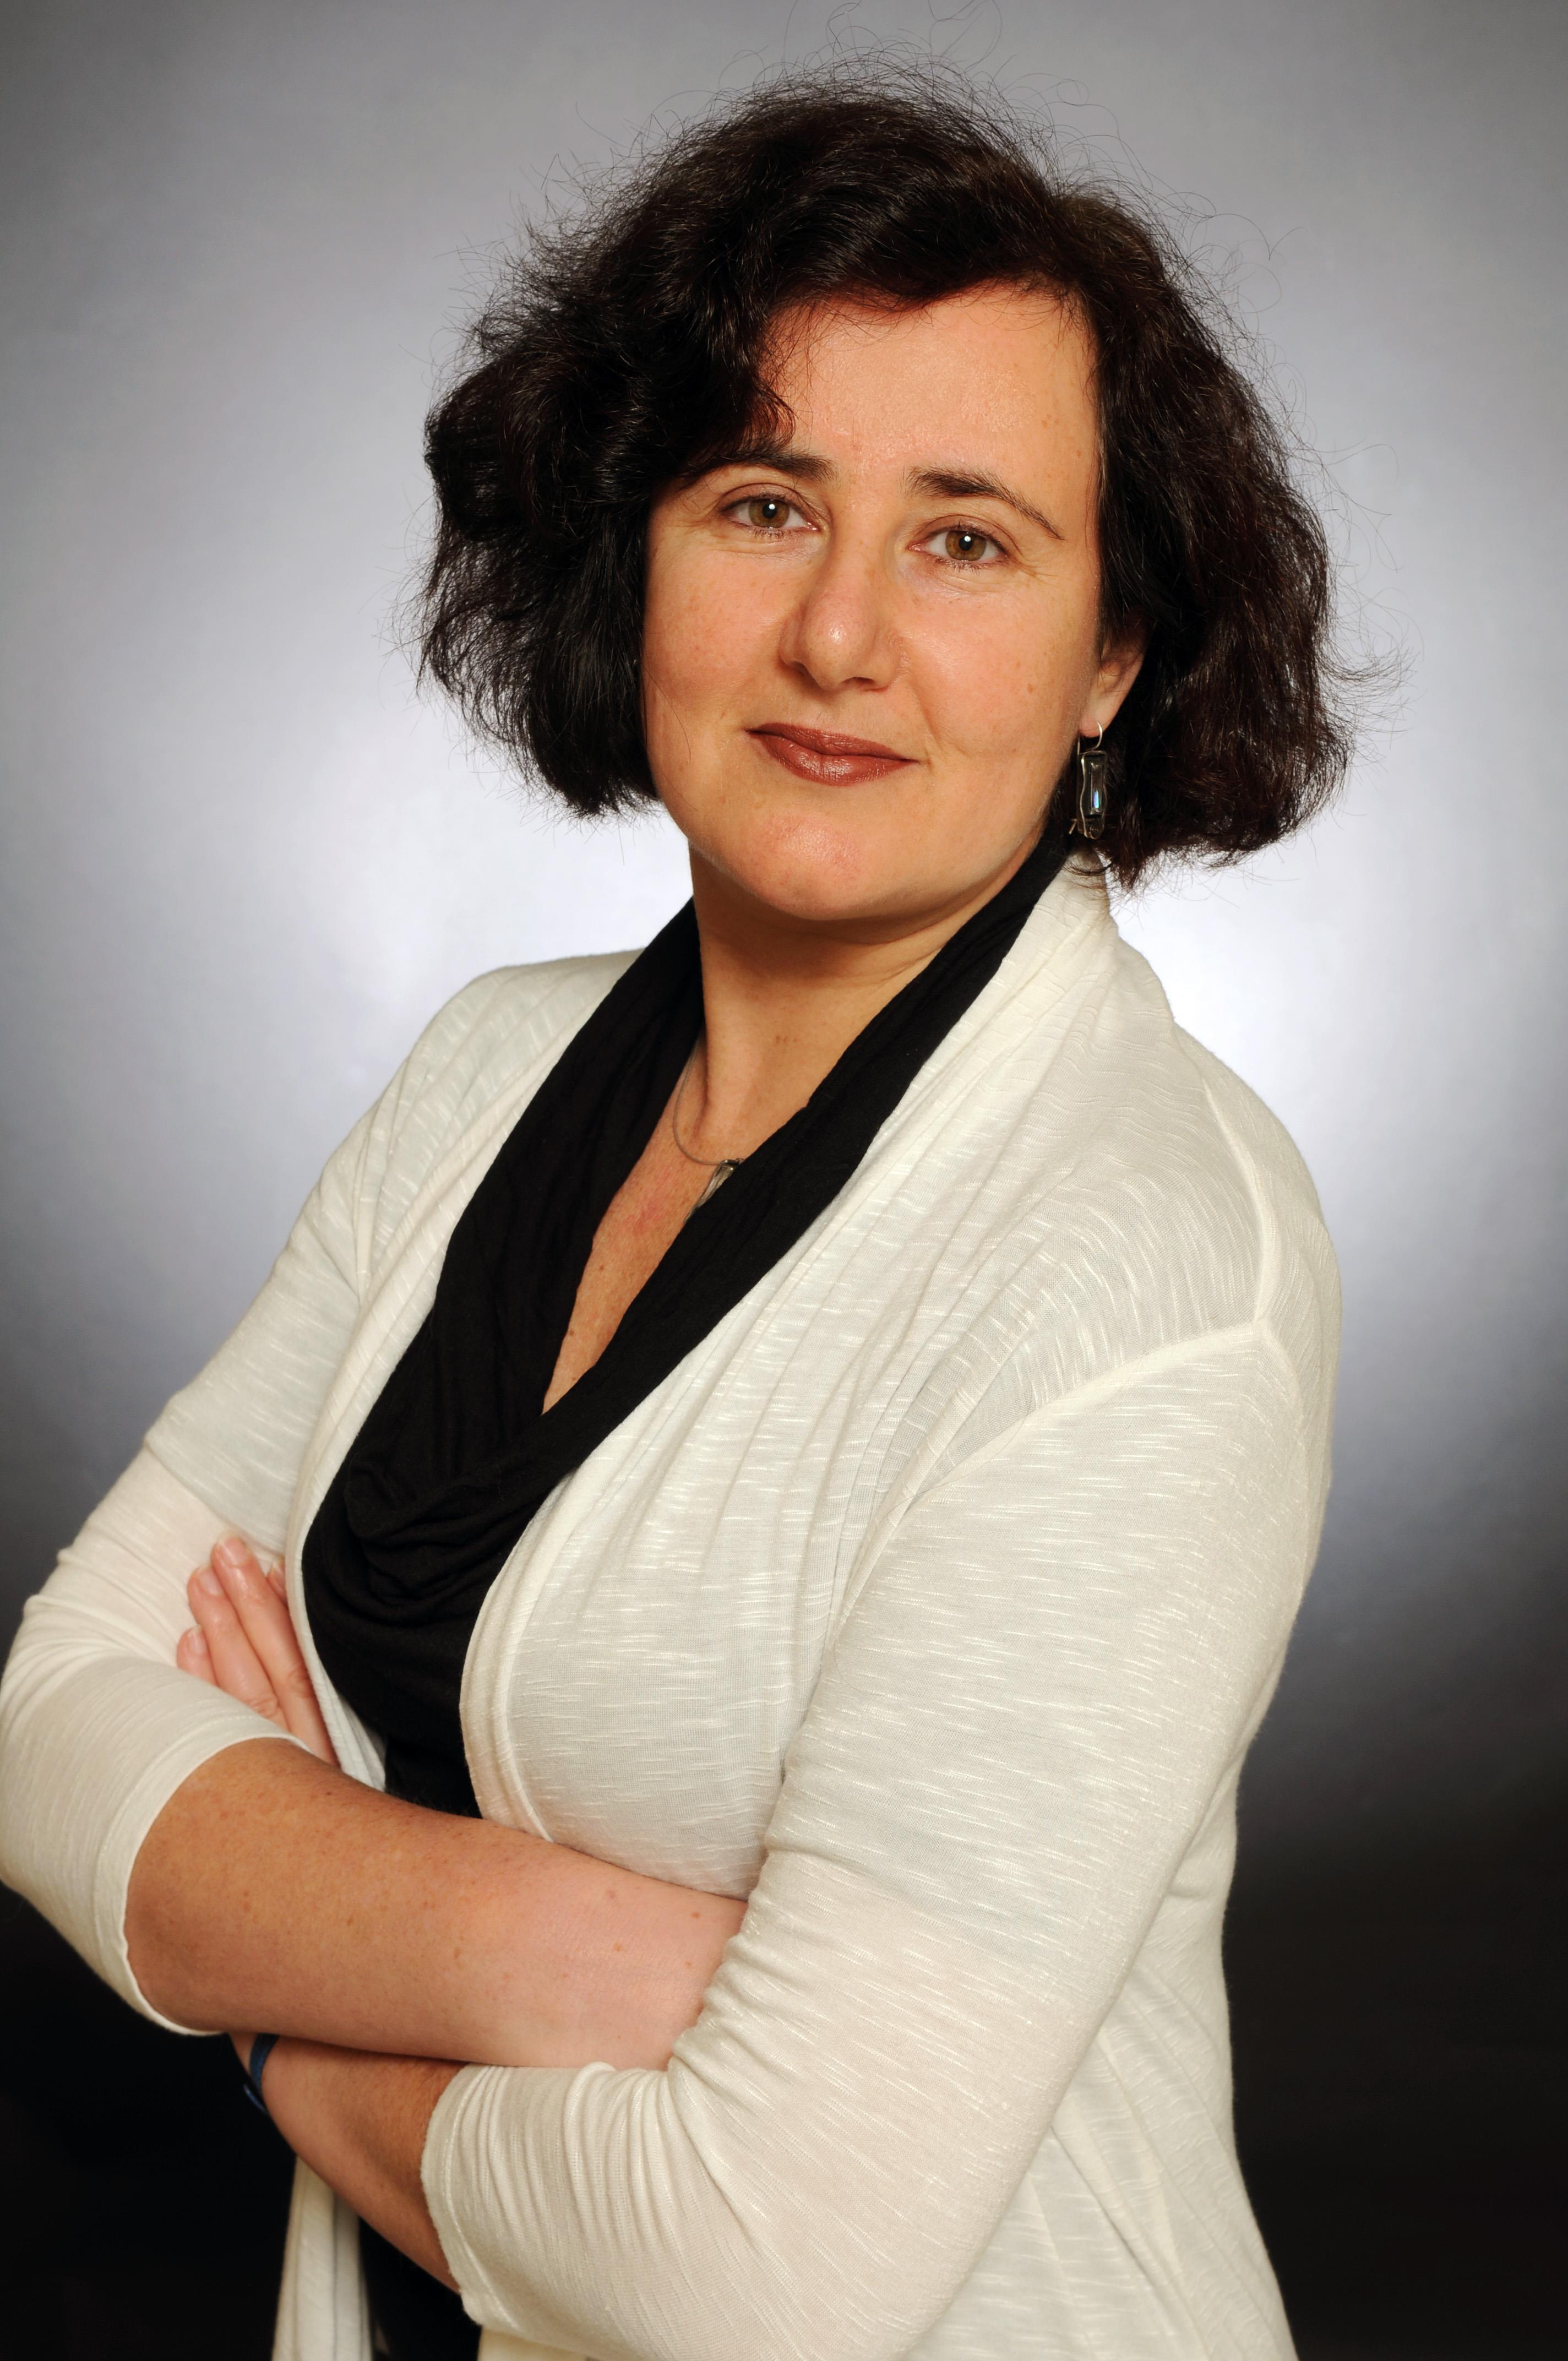 Sophia Choroshansky